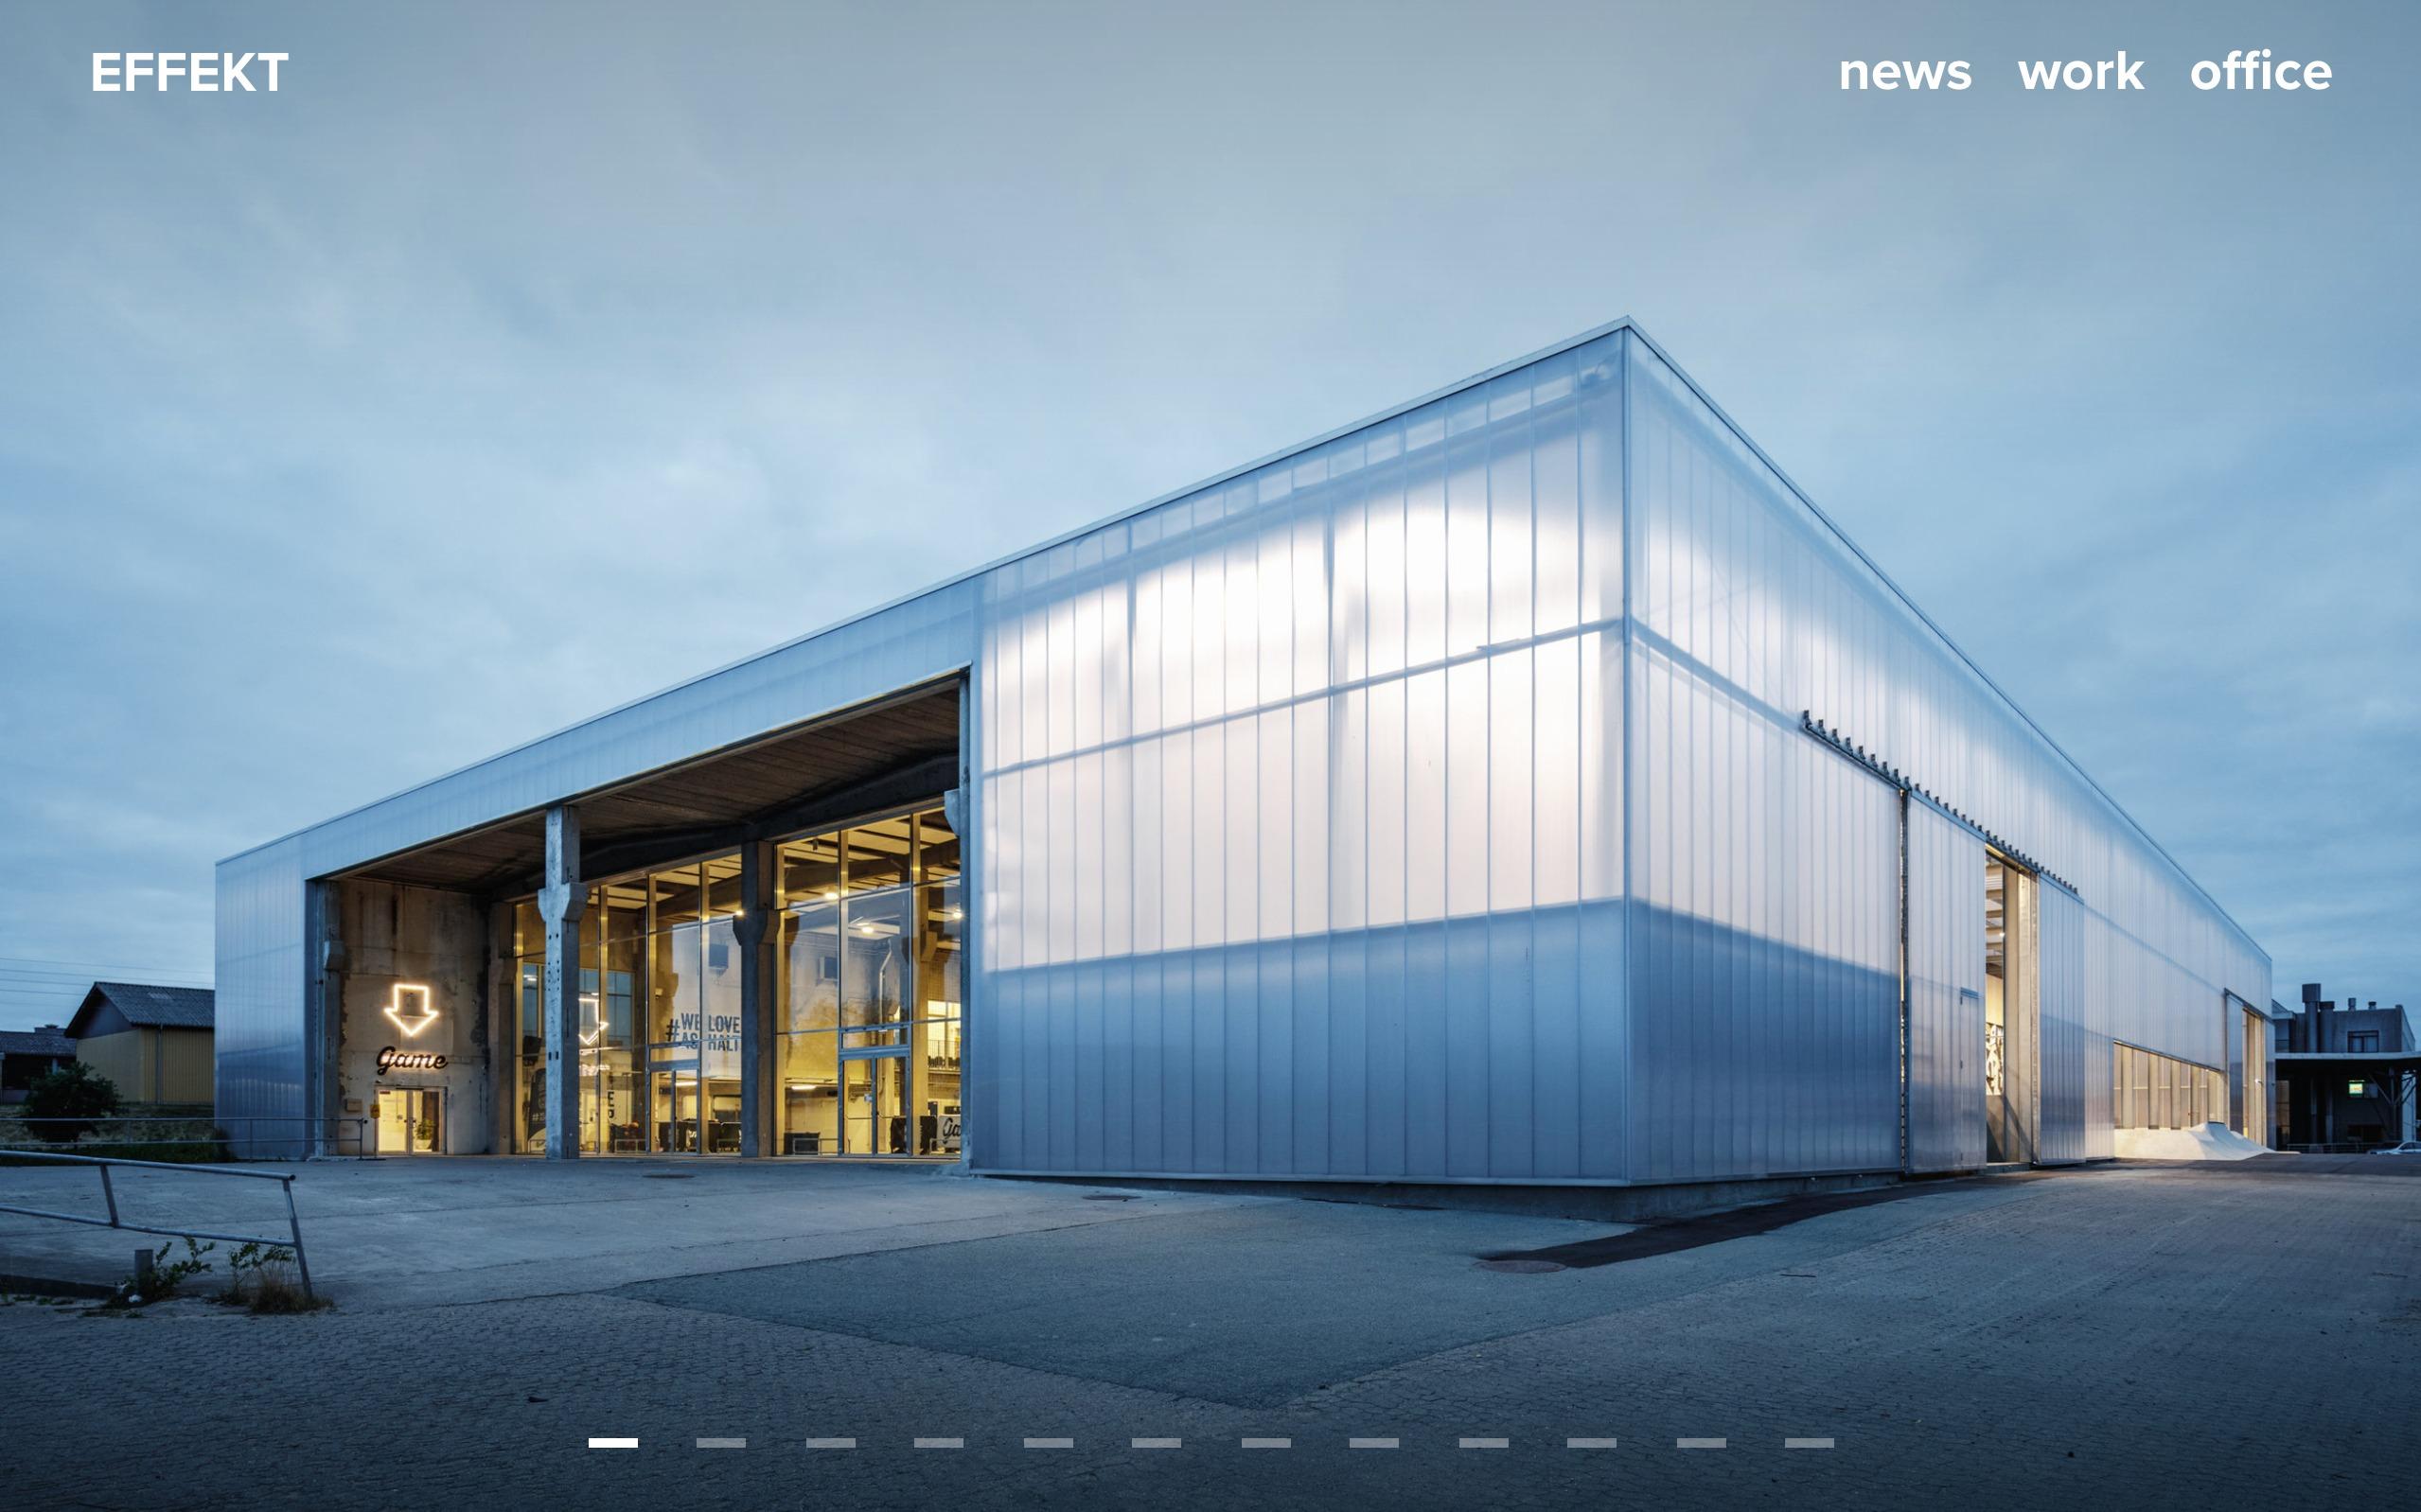 best architecture firm websites. effekt